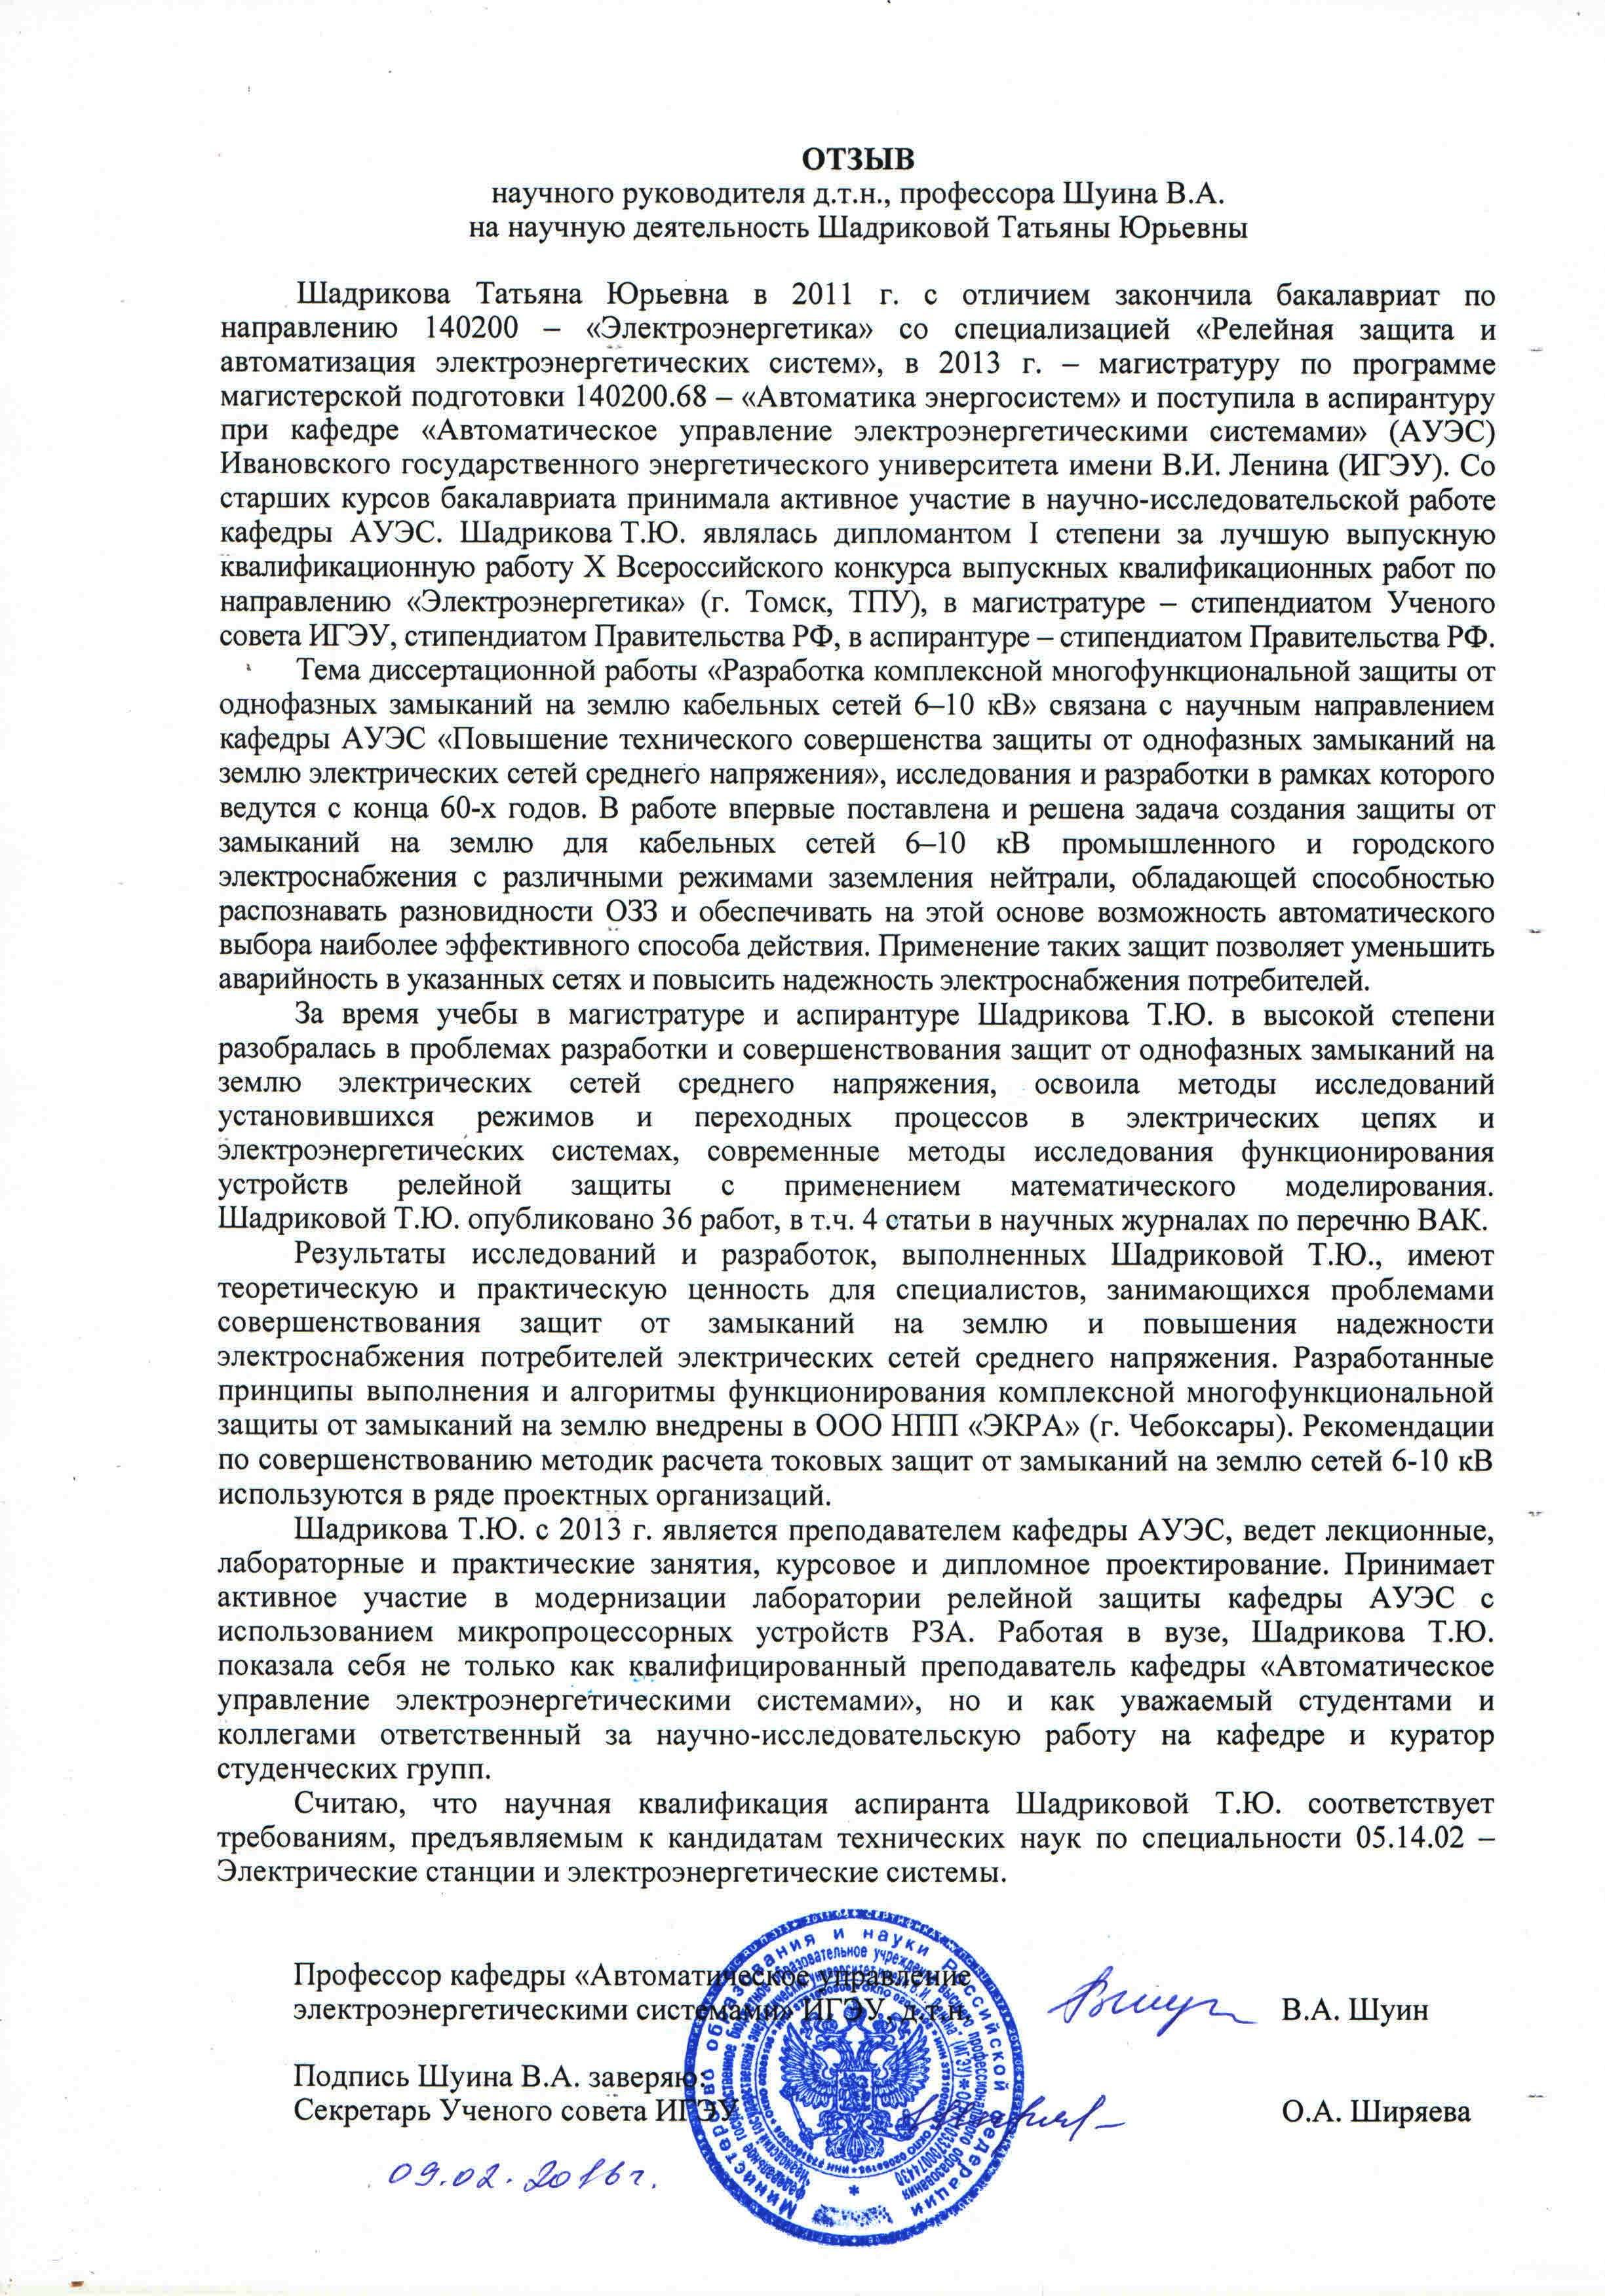 Диссертации принятые к защите Отзыв научного руководителя Шуина В А jpg